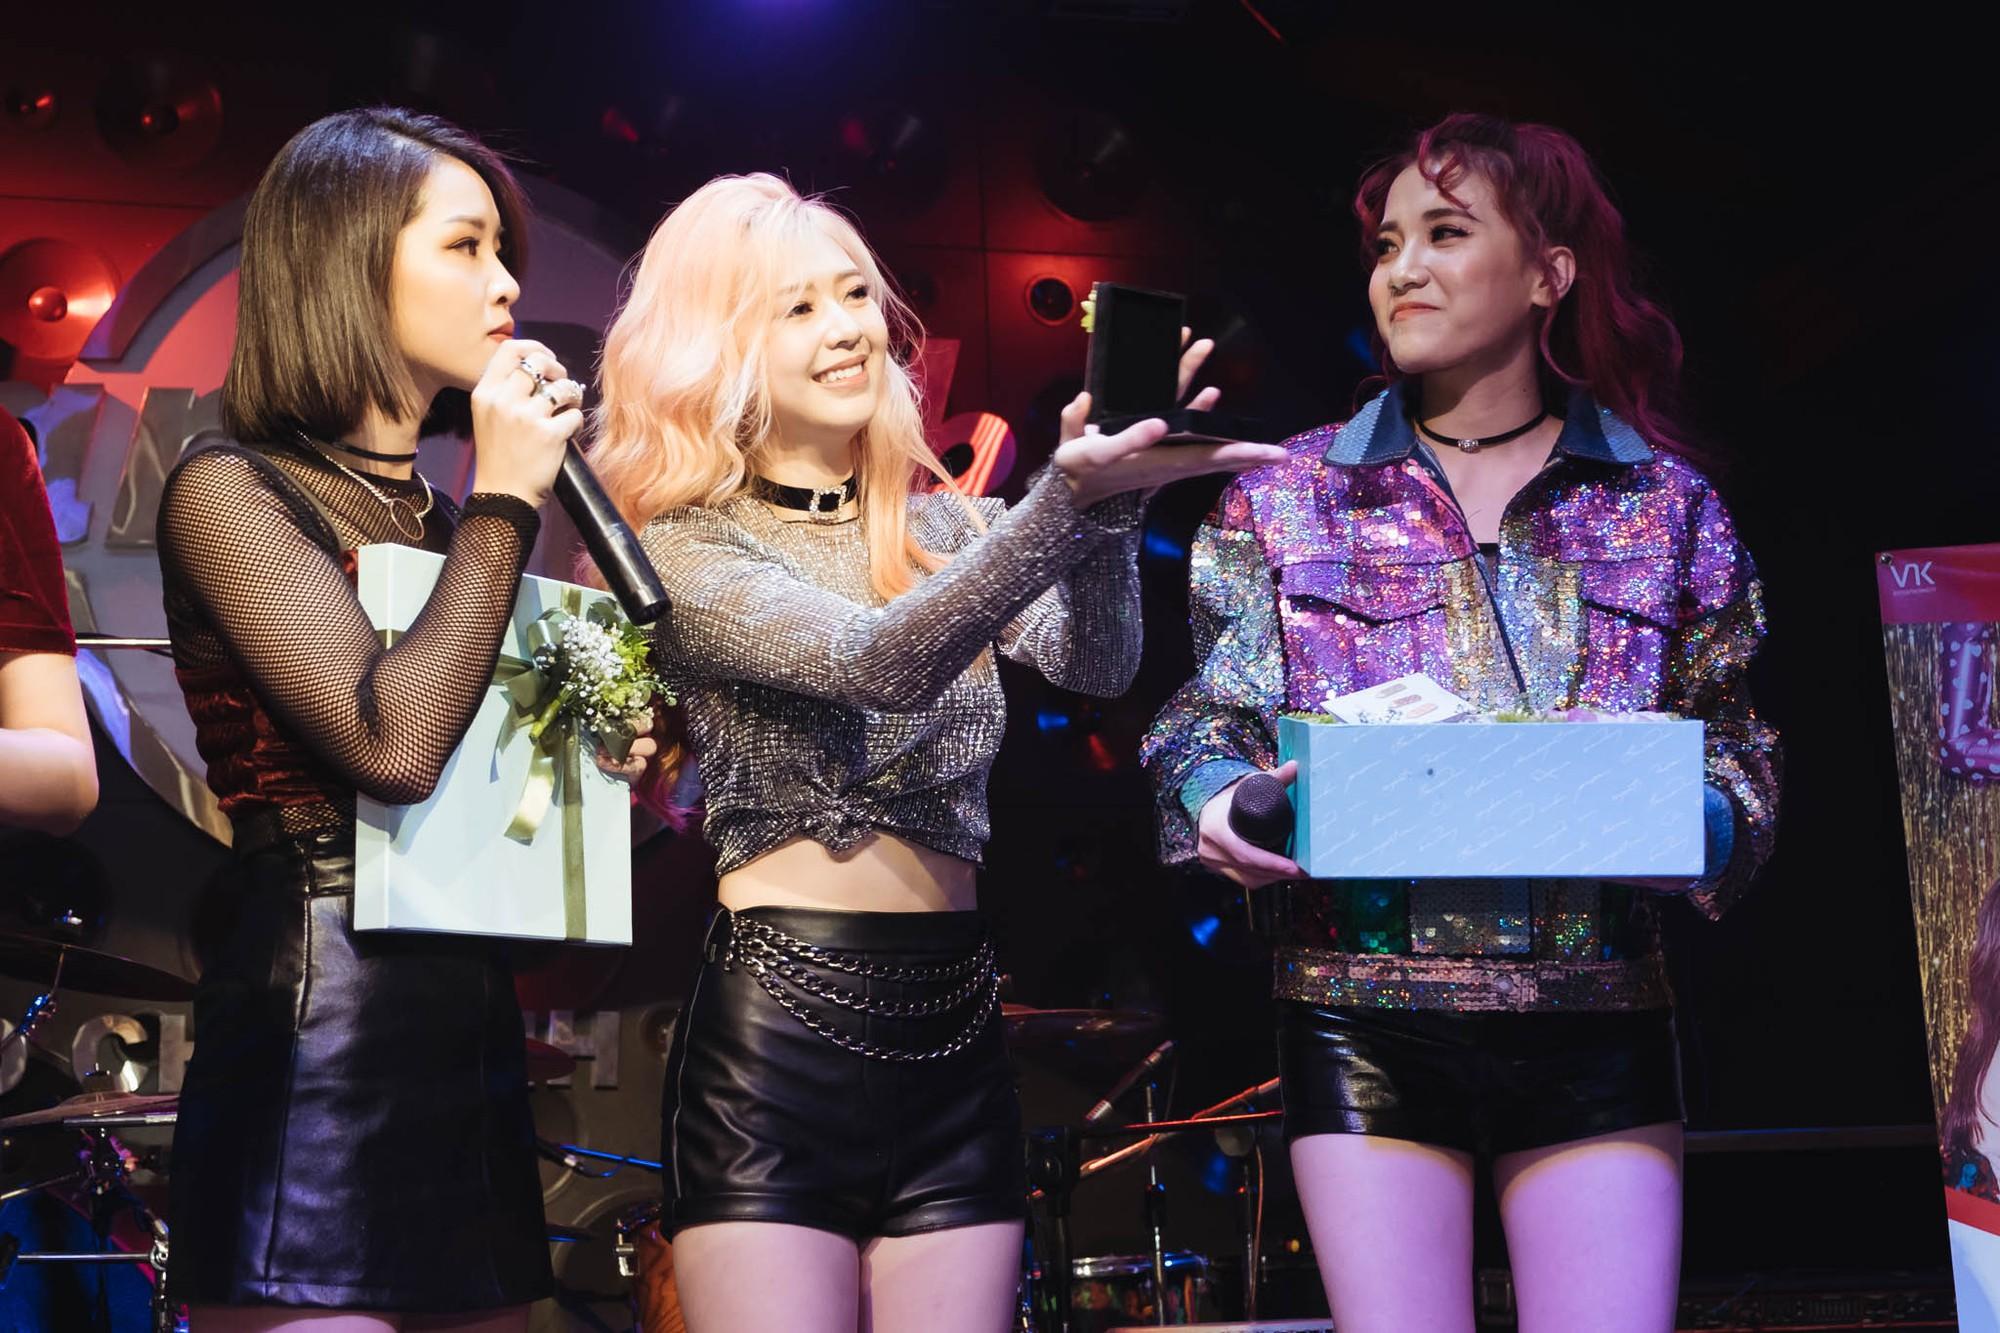 Từ bỏ hình ảnh dễ thương, LIME hóa thân thành những cô nàng tiệc tùng sexy trong MV mới - Ảnh 2.